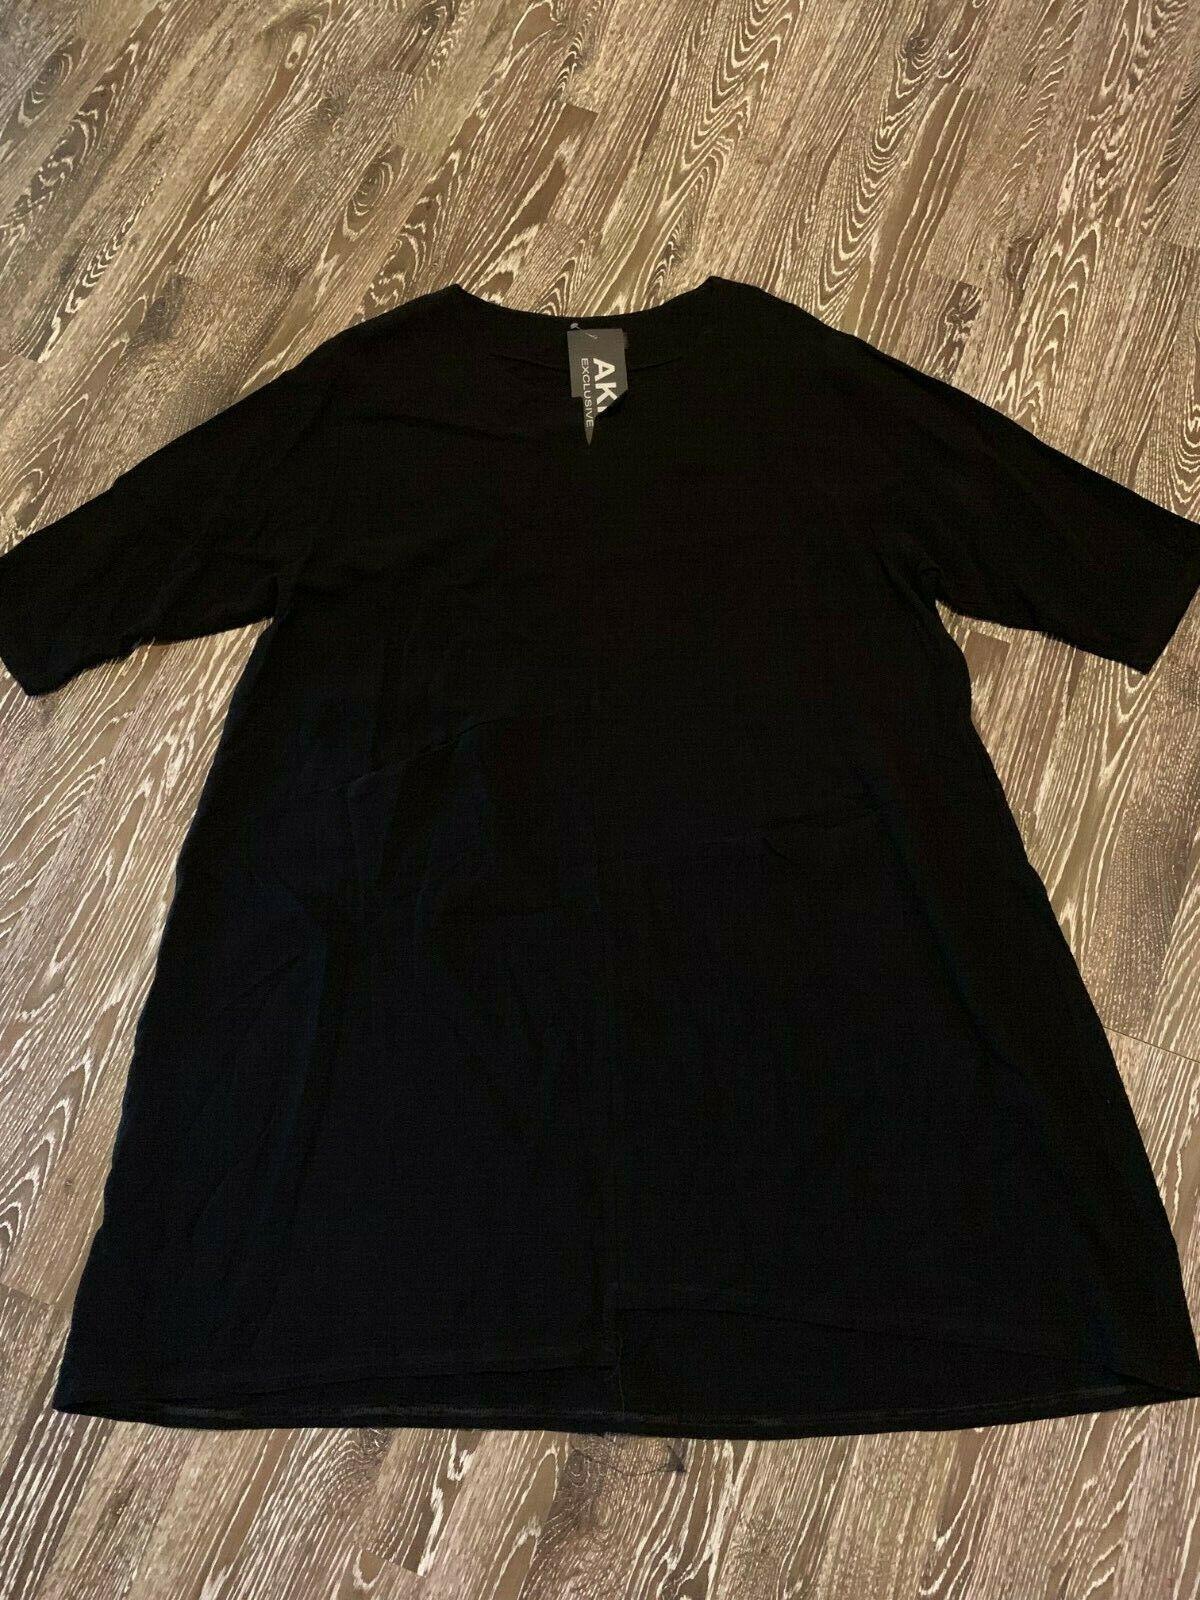 719a7ecb5af051 AKH Lagenlook Tunika Leinen Viskose in schwarz EG NEU Kleid nplegr3251-neue  Kleidung